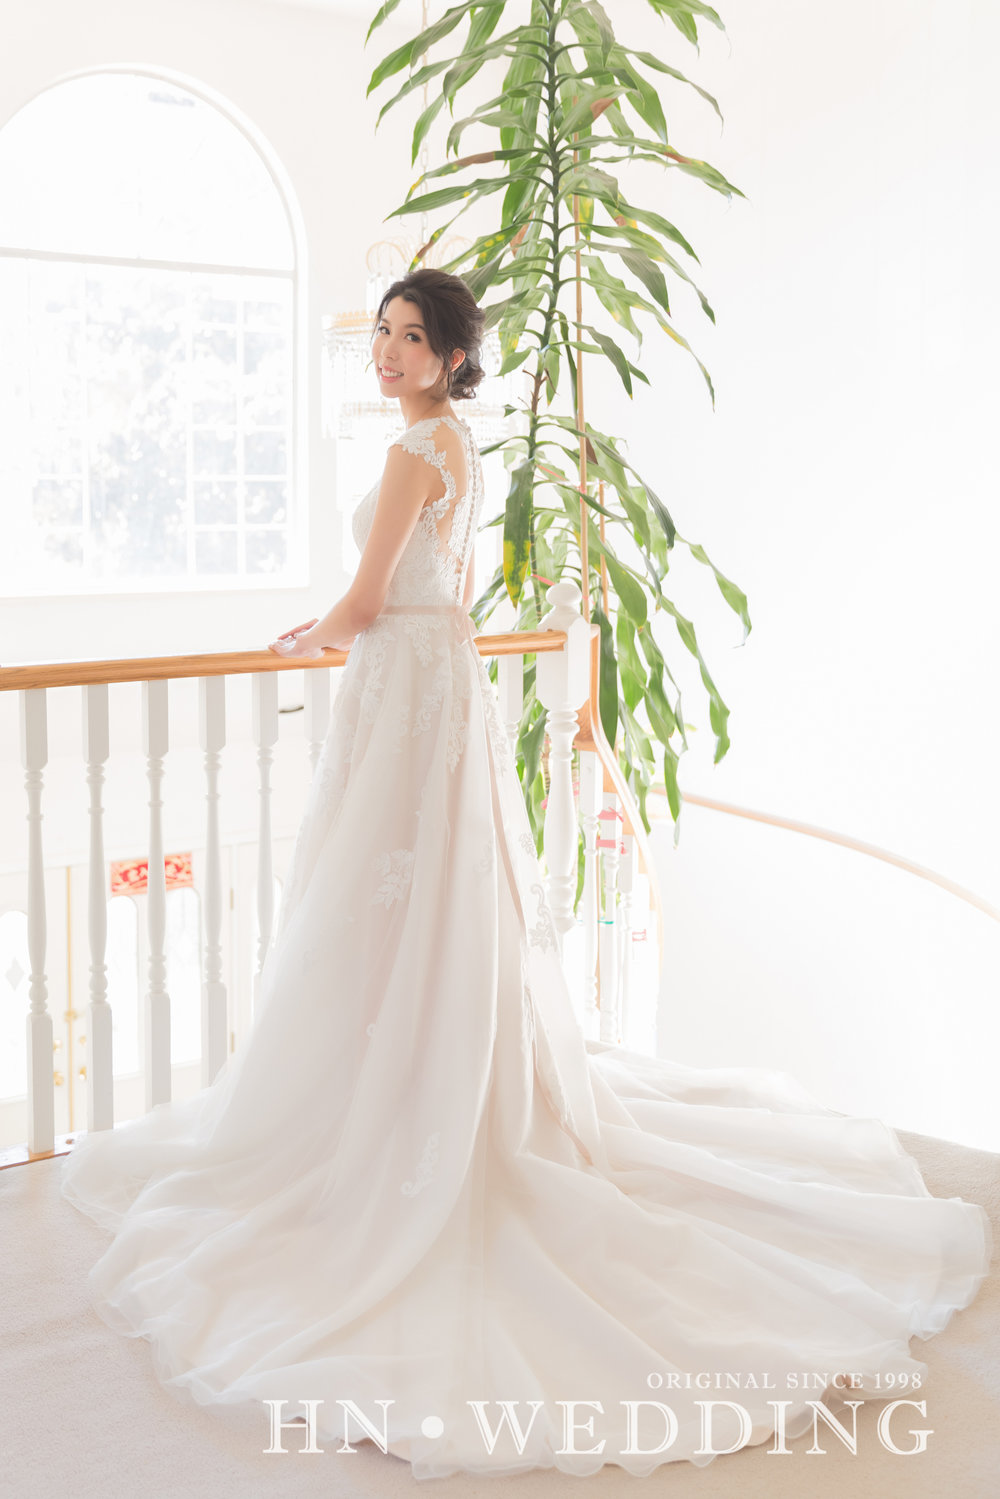 hnweddingweddingday20180526-15.jpg